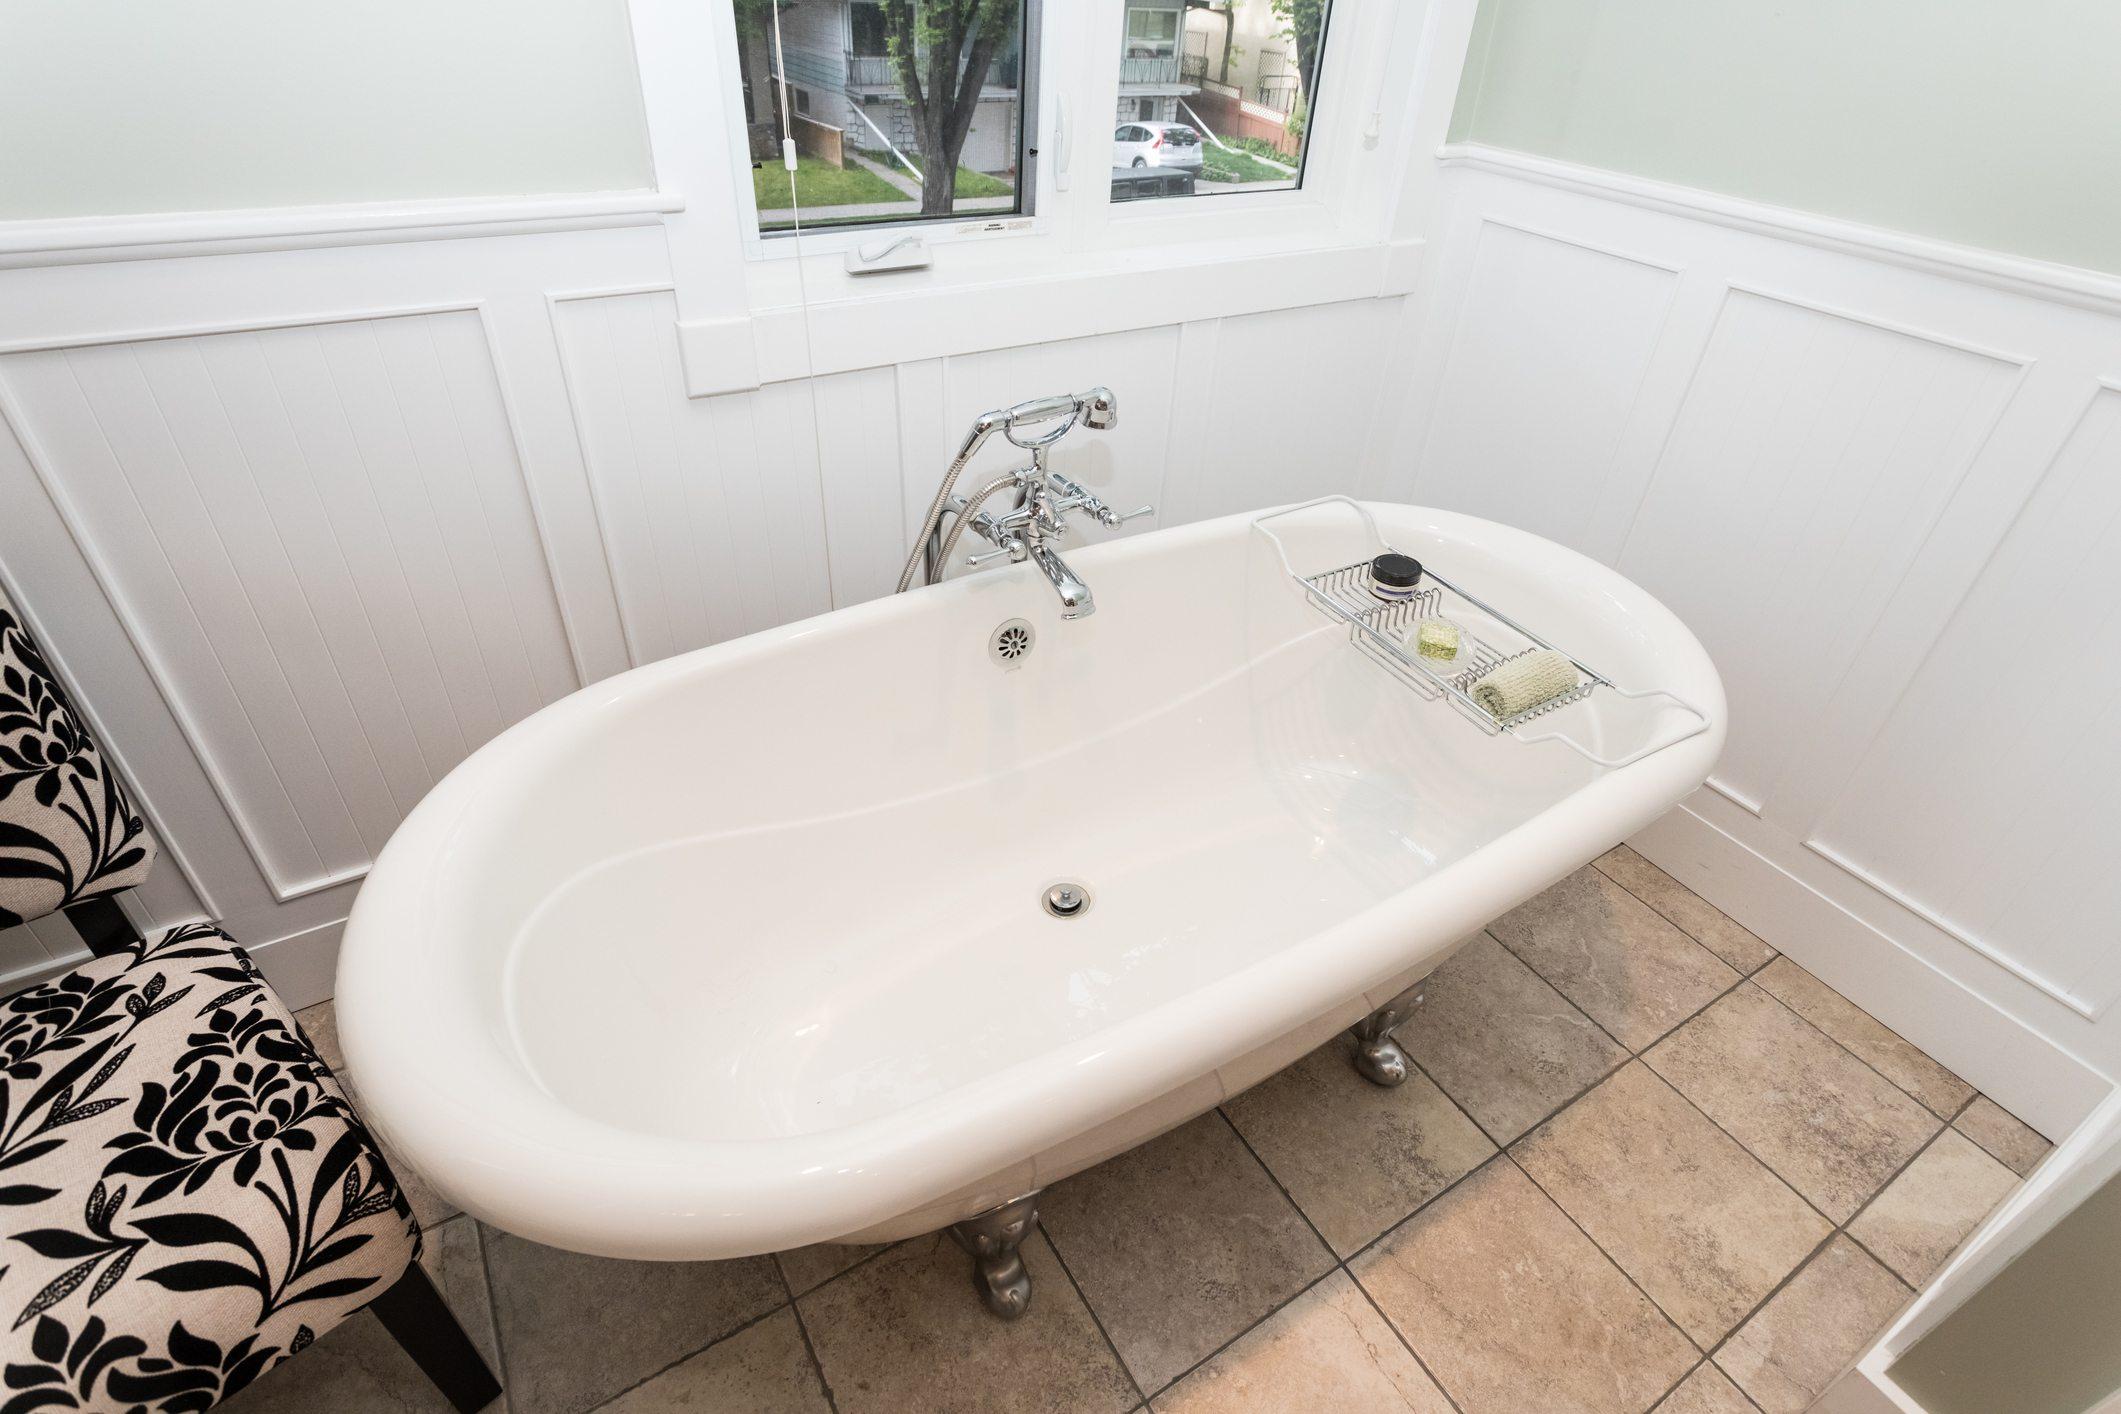 Stand alone clawfoot bathtub in clean bathroom